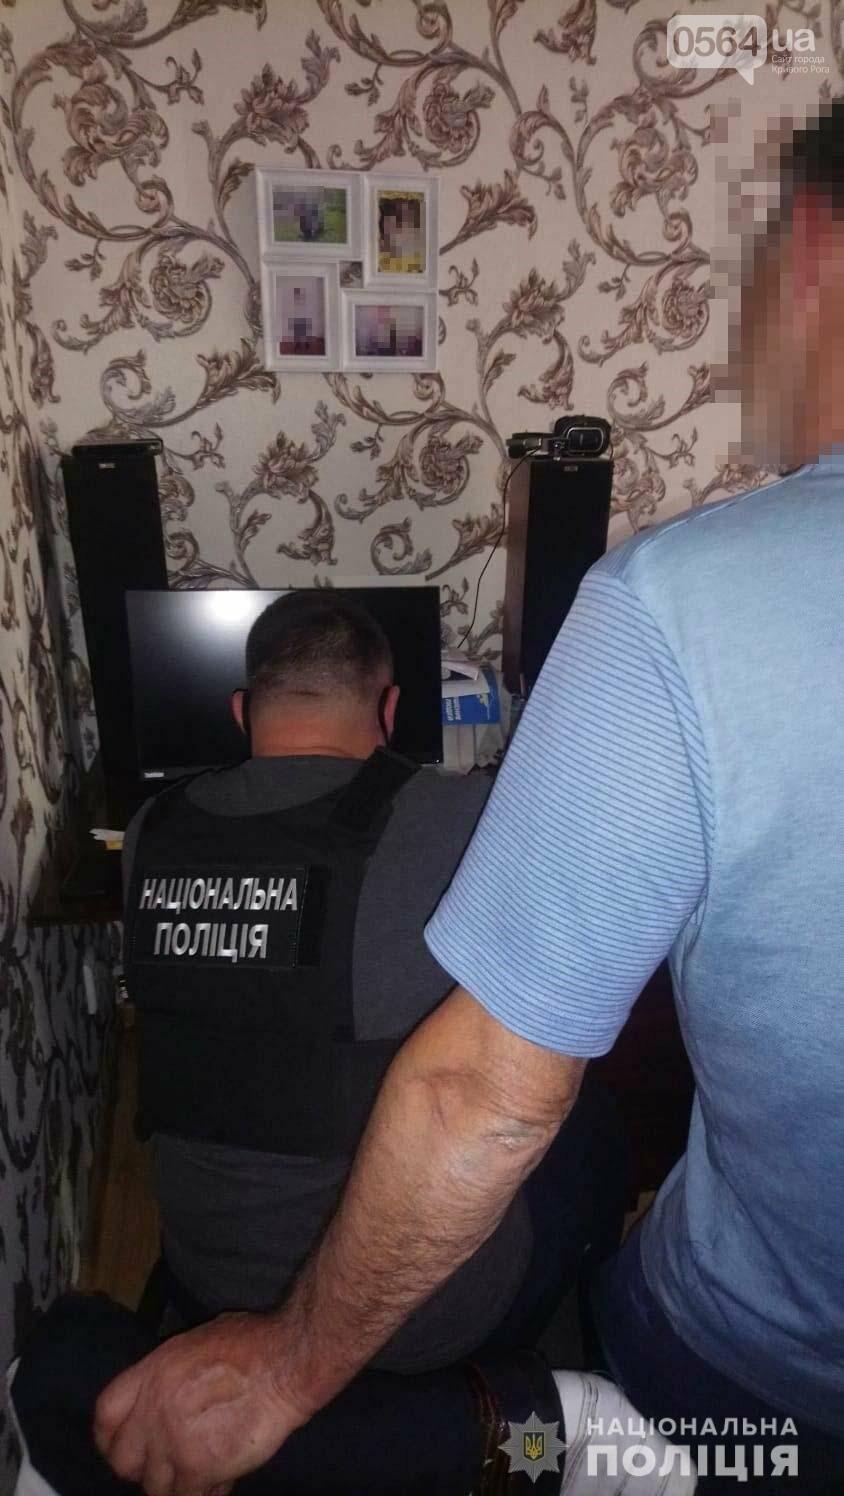 На Днепропетровщине в распространении детской порнографии разоблачили 59-летнего мужчину, - ФОТО , фото-1